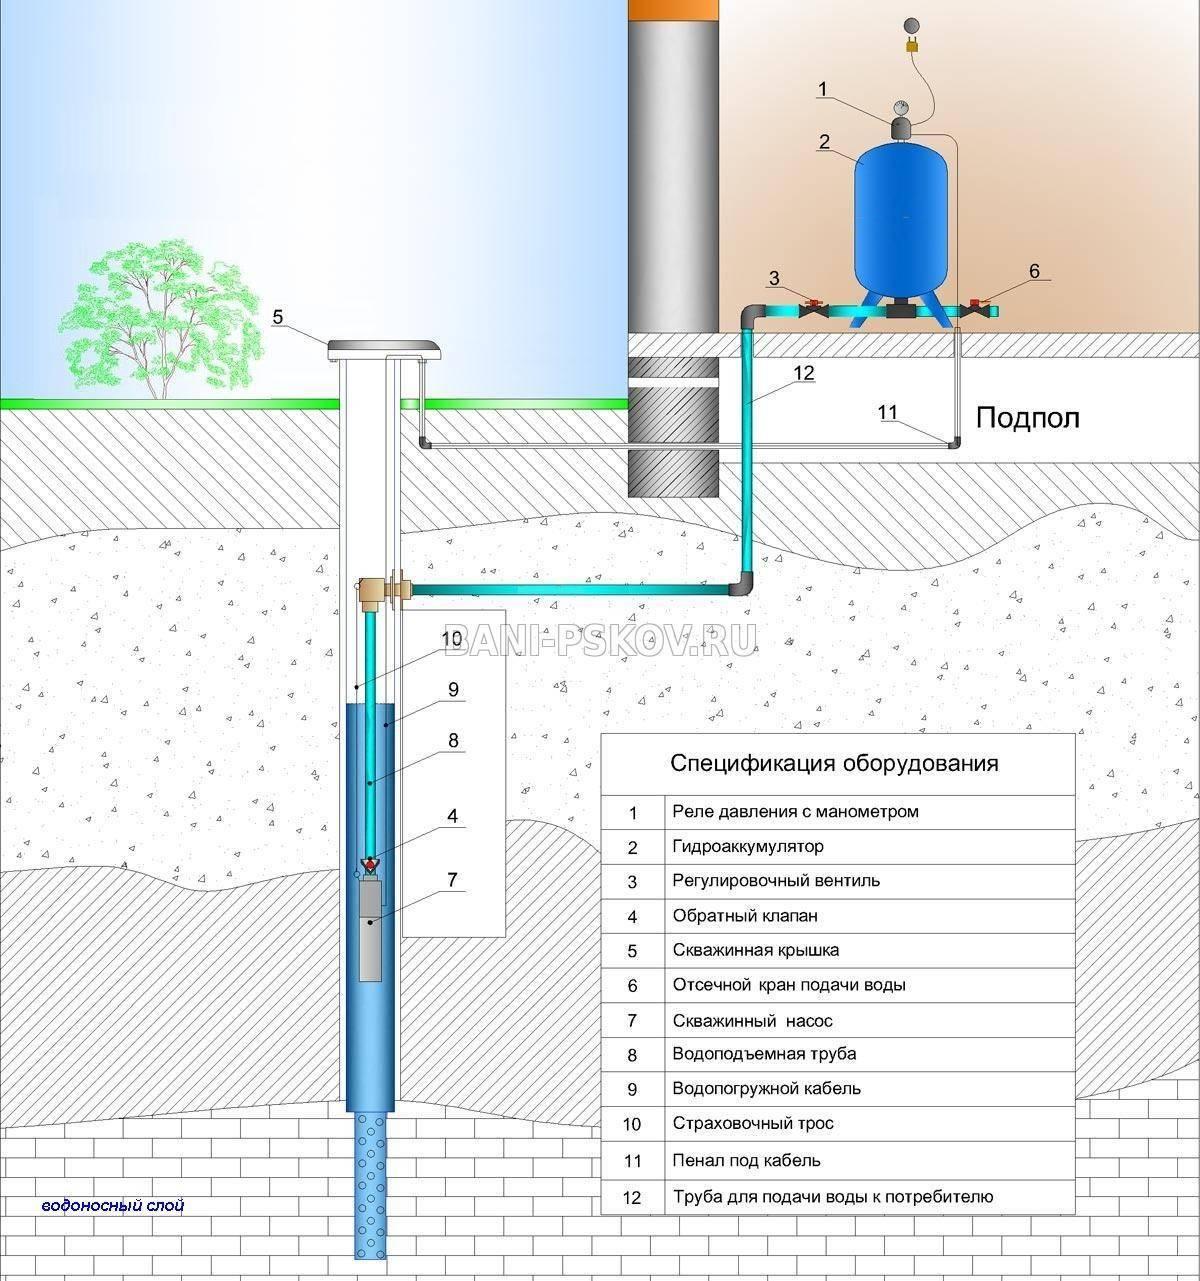 Трубы для скважин: какие лучше, стальные, асбестоцементные или пластиковые (пвх), диаметр изделий